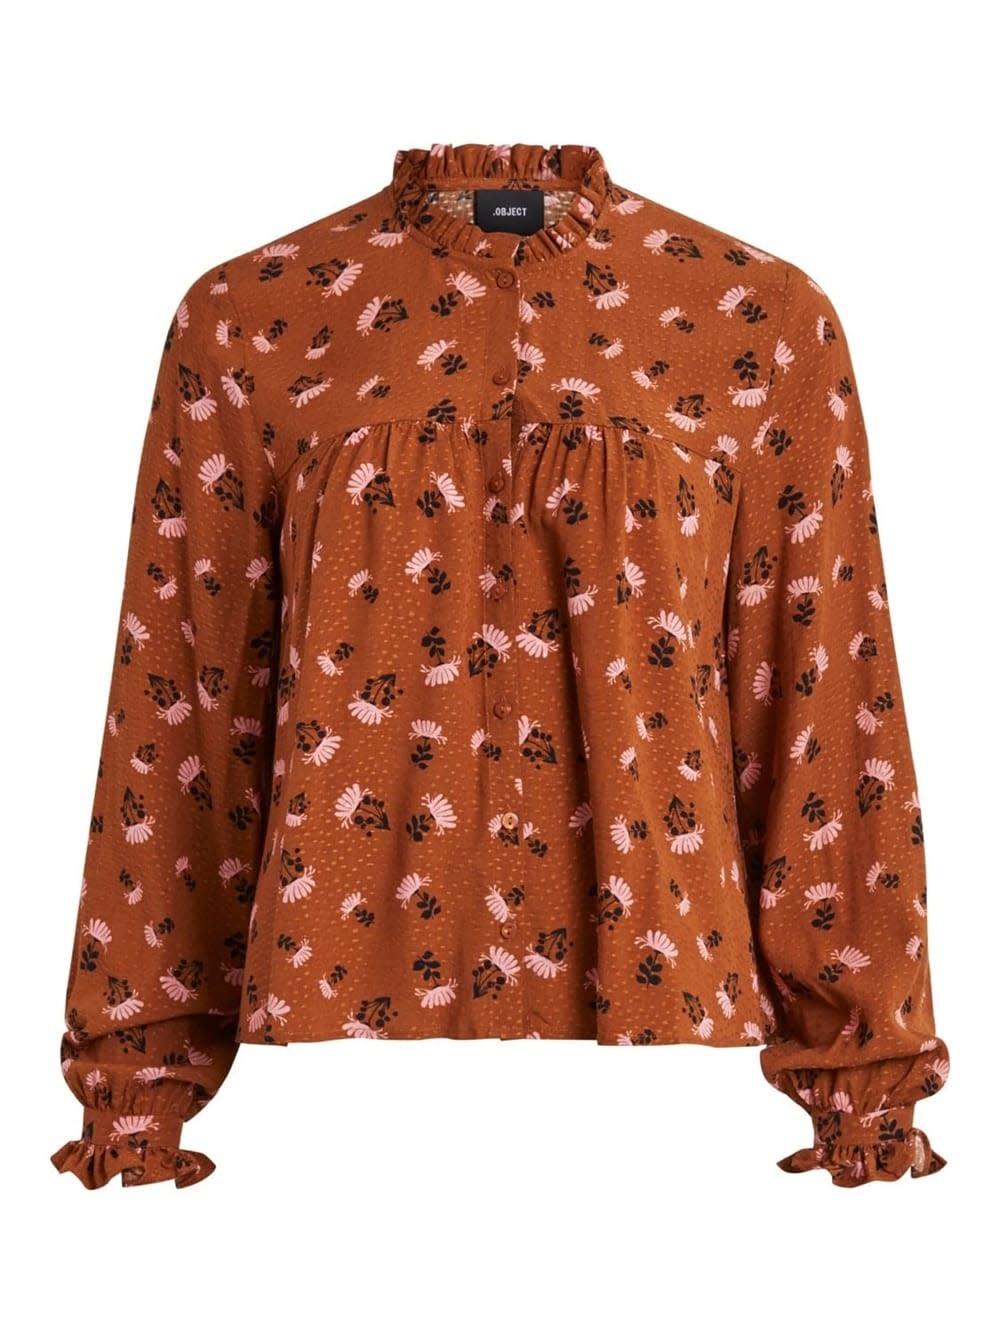 OBJECT Object - objharper l/s shirt